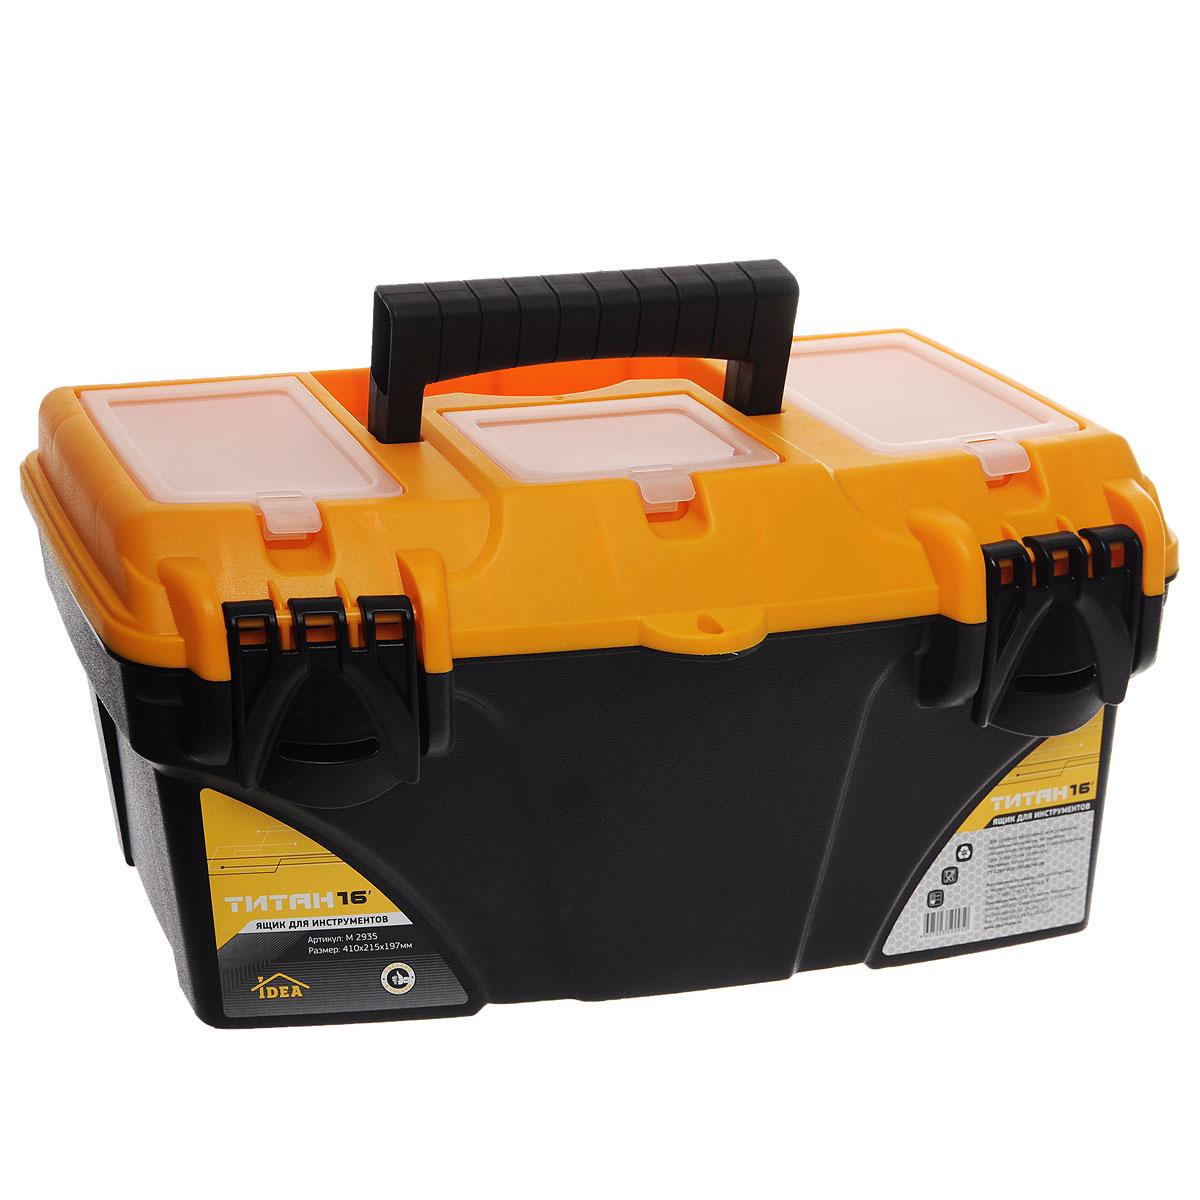 Ящик для инструментов Idea Титан 16, с органайзером, 41 х 21,5 х 19,7 смМ 2935Ящик Idea Титан 16 изготовлен из прочного пластика и предназначен для хранения и переноски инструментов. Вместительный, внутри имеет большое главное отделение. В комплект входит съемный лоток с ручкой для инструментов. Крышка ящика оснащена тремя прозрачными отделениями, которые закрываются на защелку. Для более комфортного переноса в руках, на крышке предусмотрена удобная ручка.Ящик закрывается при помощи крепкой защелки, которая не допускает случайного открывания.